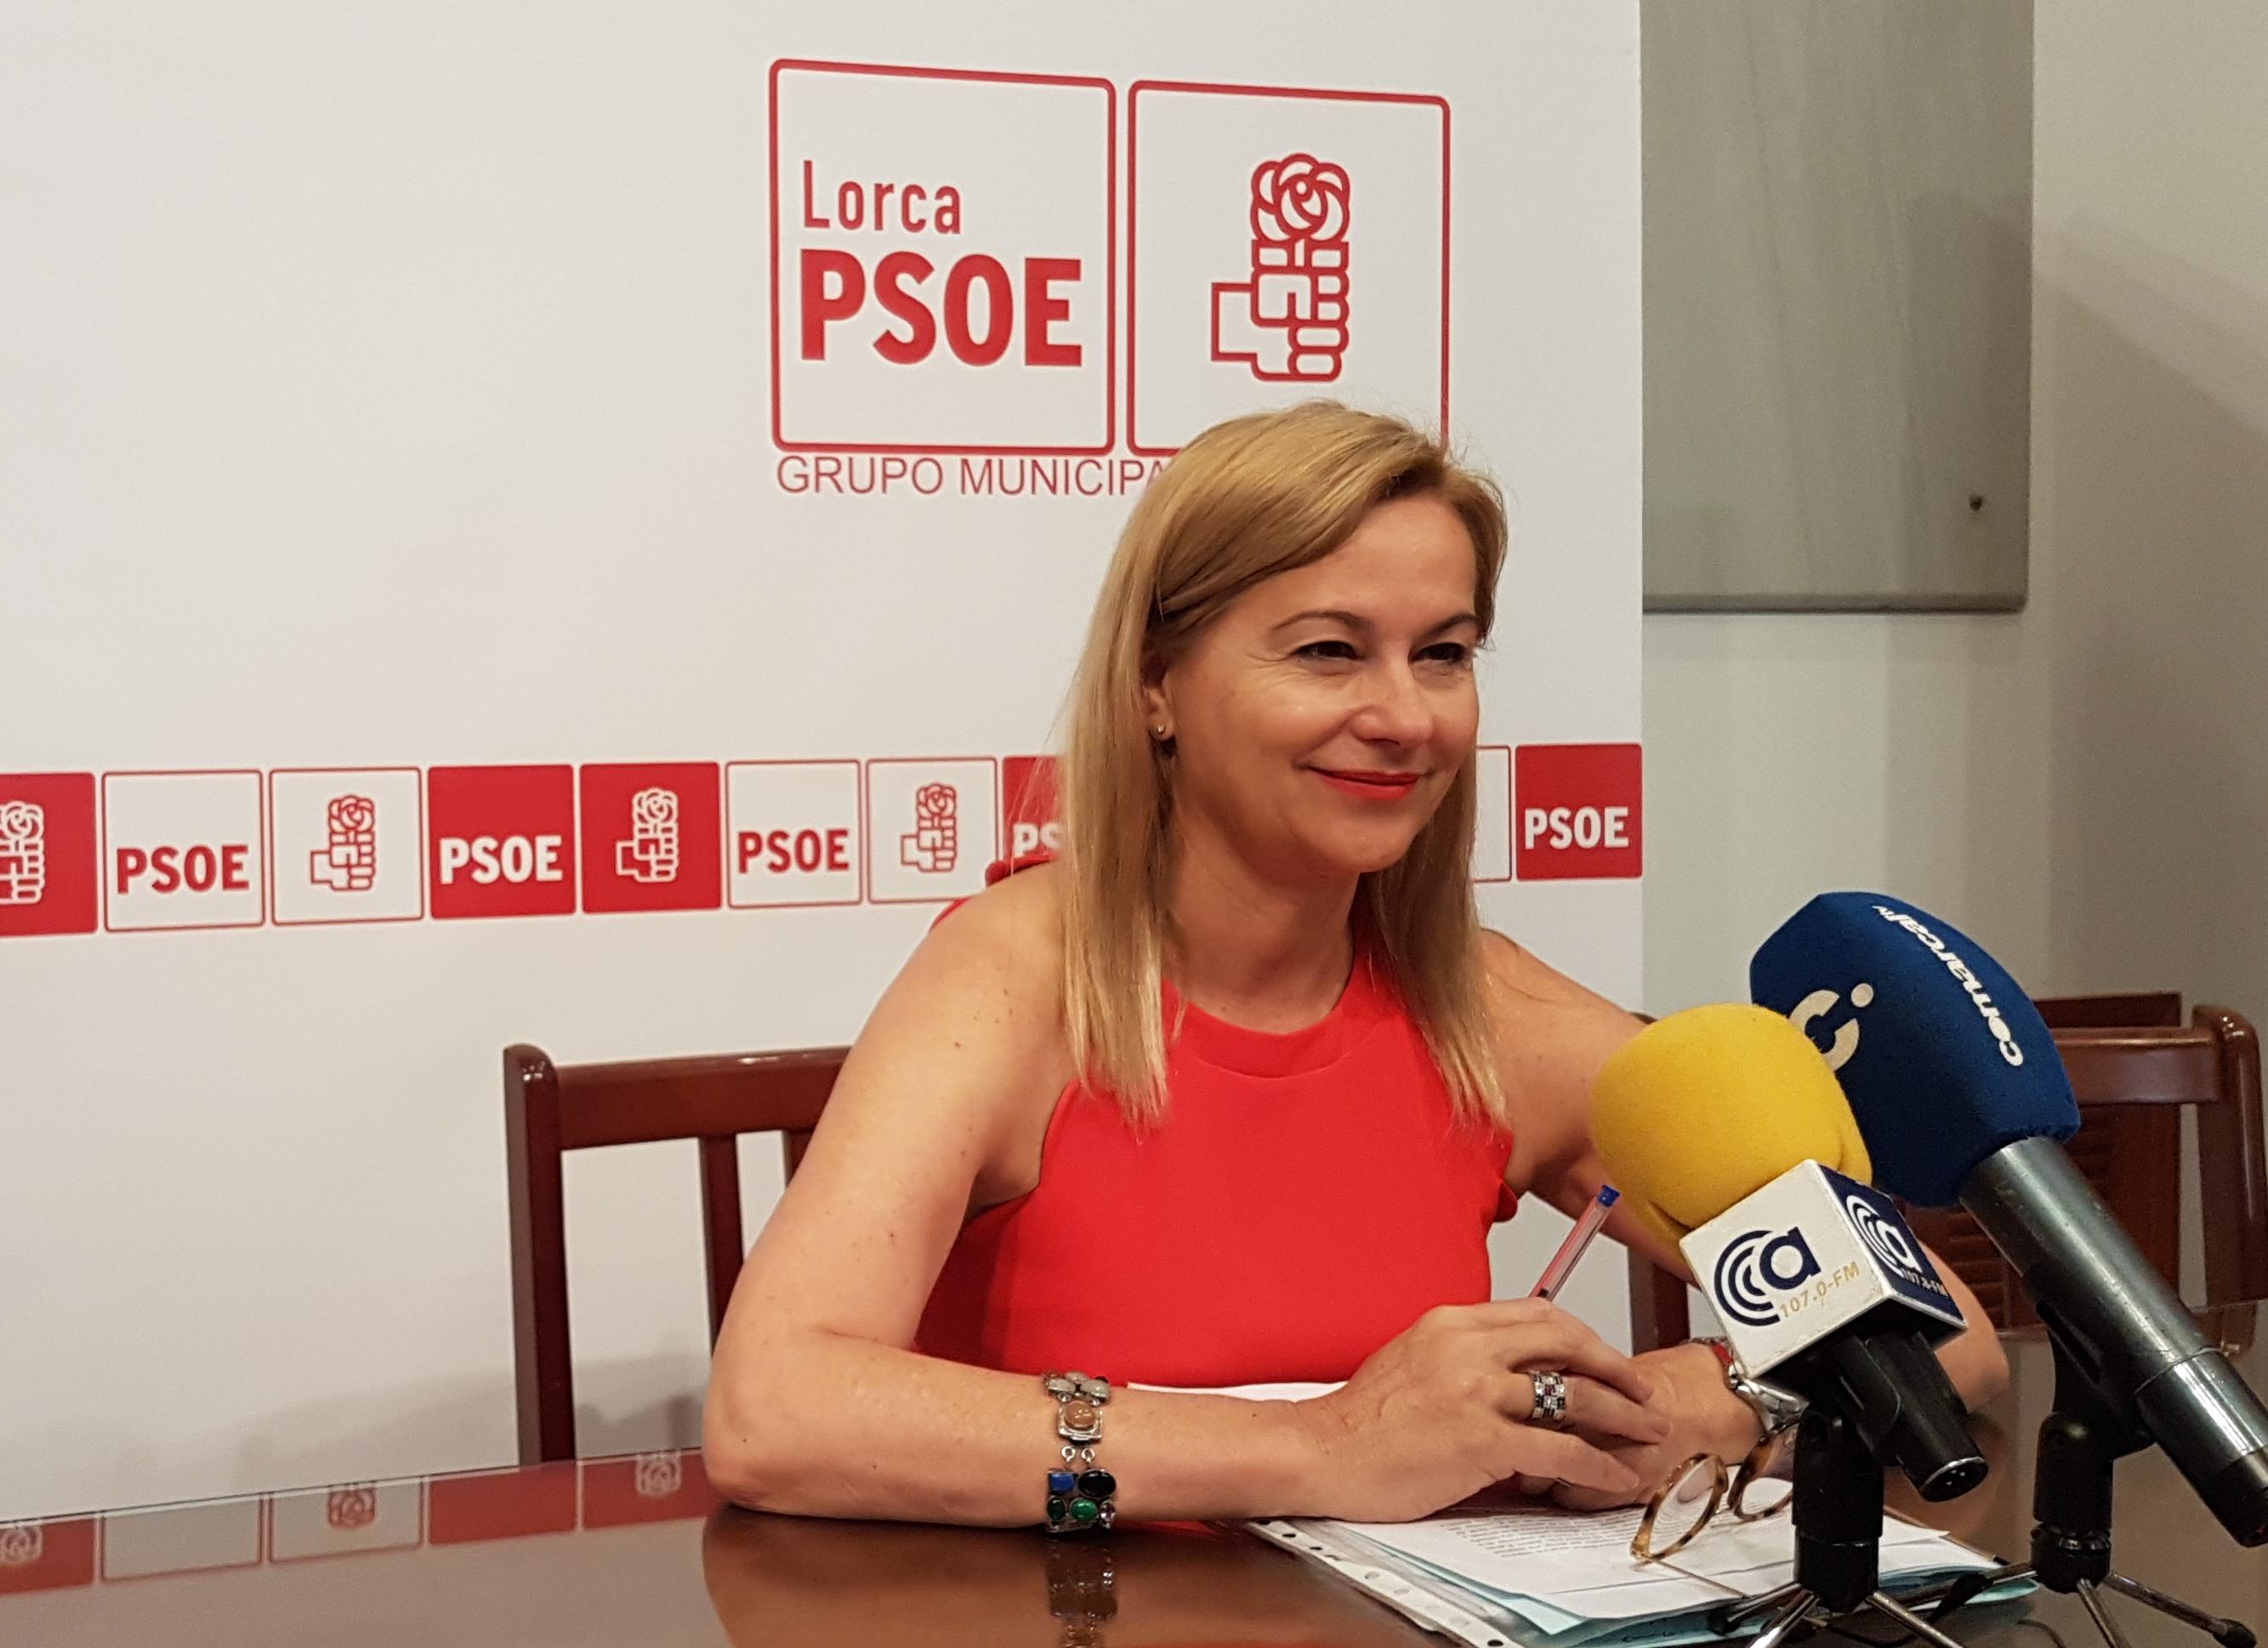 """El PSOE celebra que Lorca se incorpore a la Red de Juderías de España: """"Se hace justicia con nuestra ciudad, ya que era inaudito que Lorca estuviera fuera"""""""